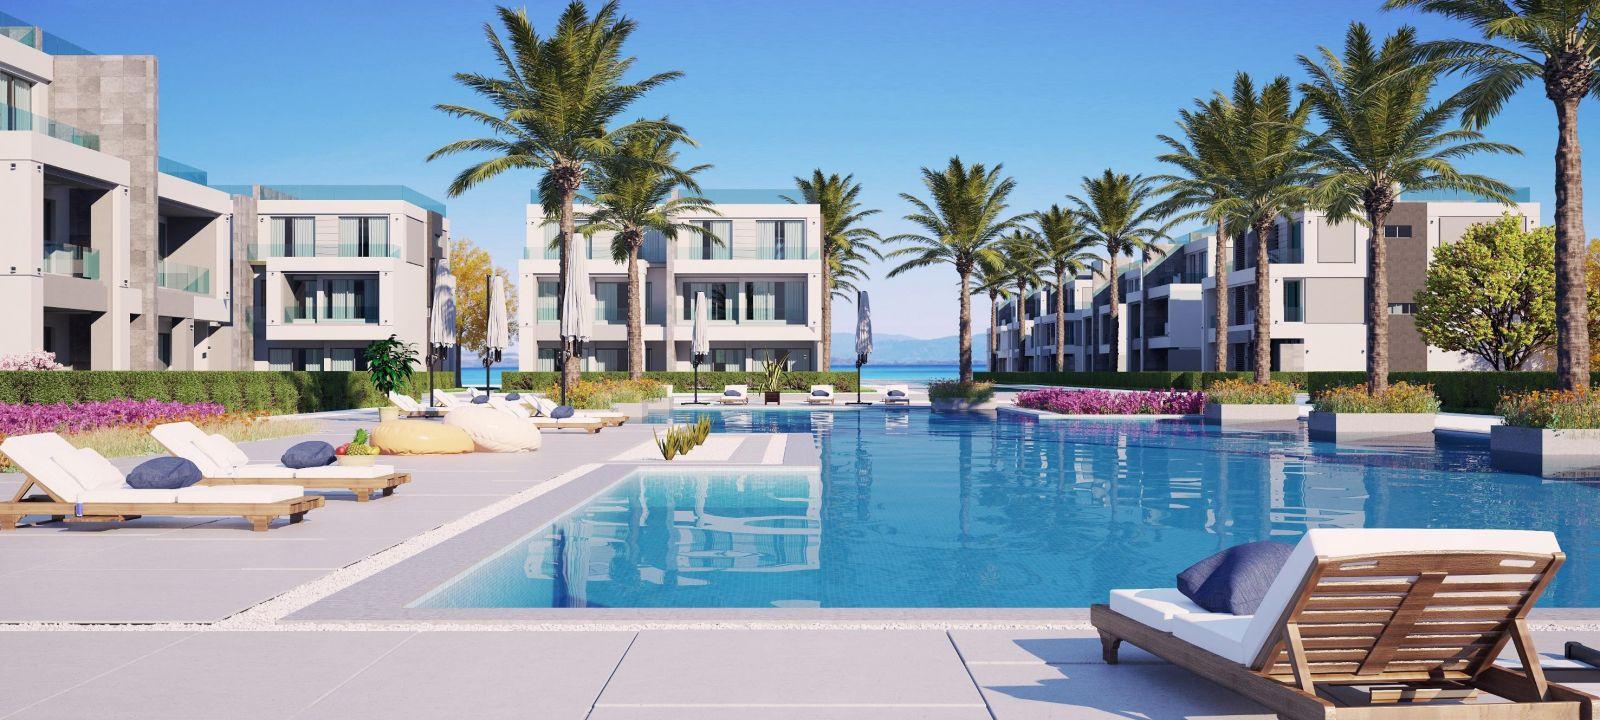 Swimming-pool-in-La-Vista-Topaz